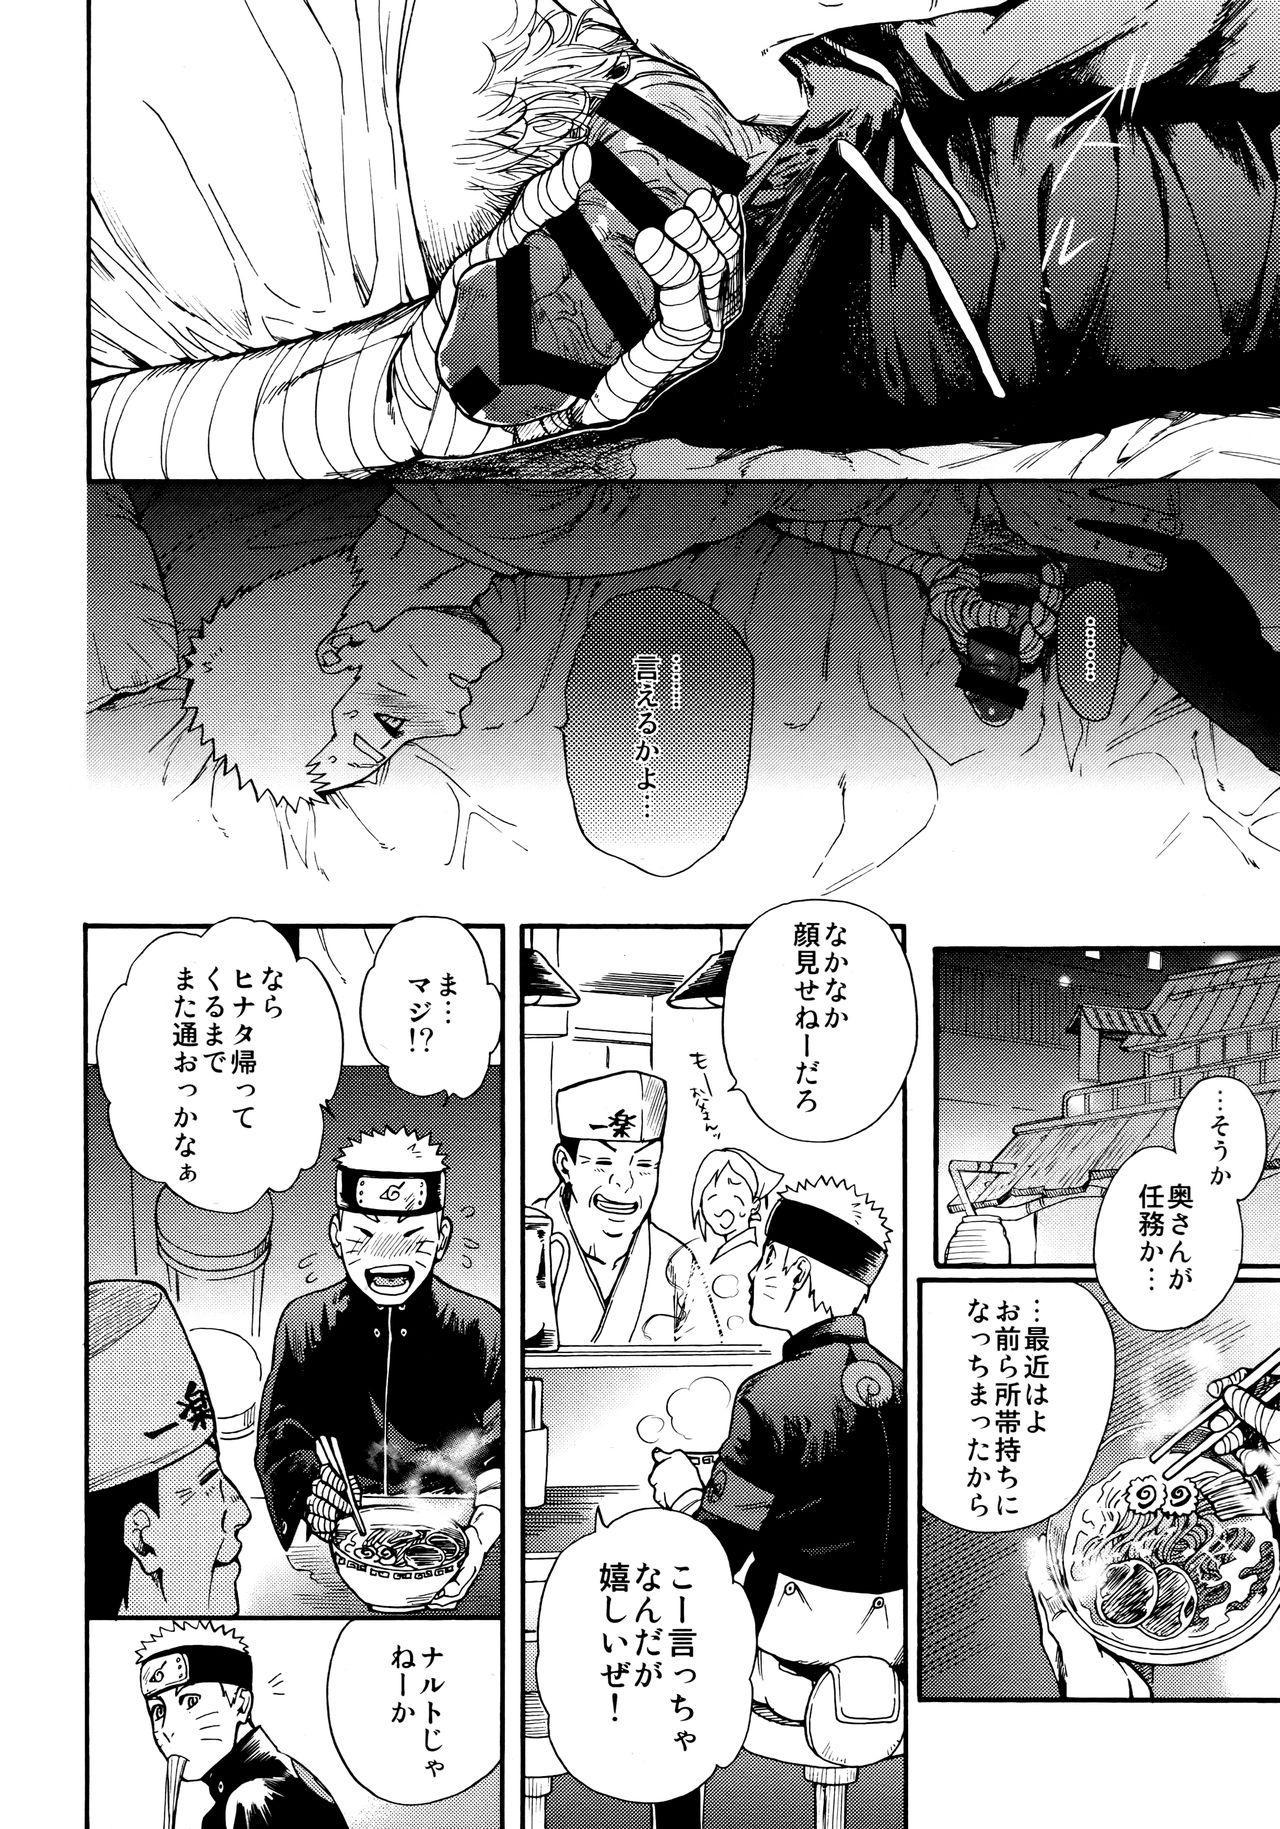 Tsuyo Gari, Dakishimete 10